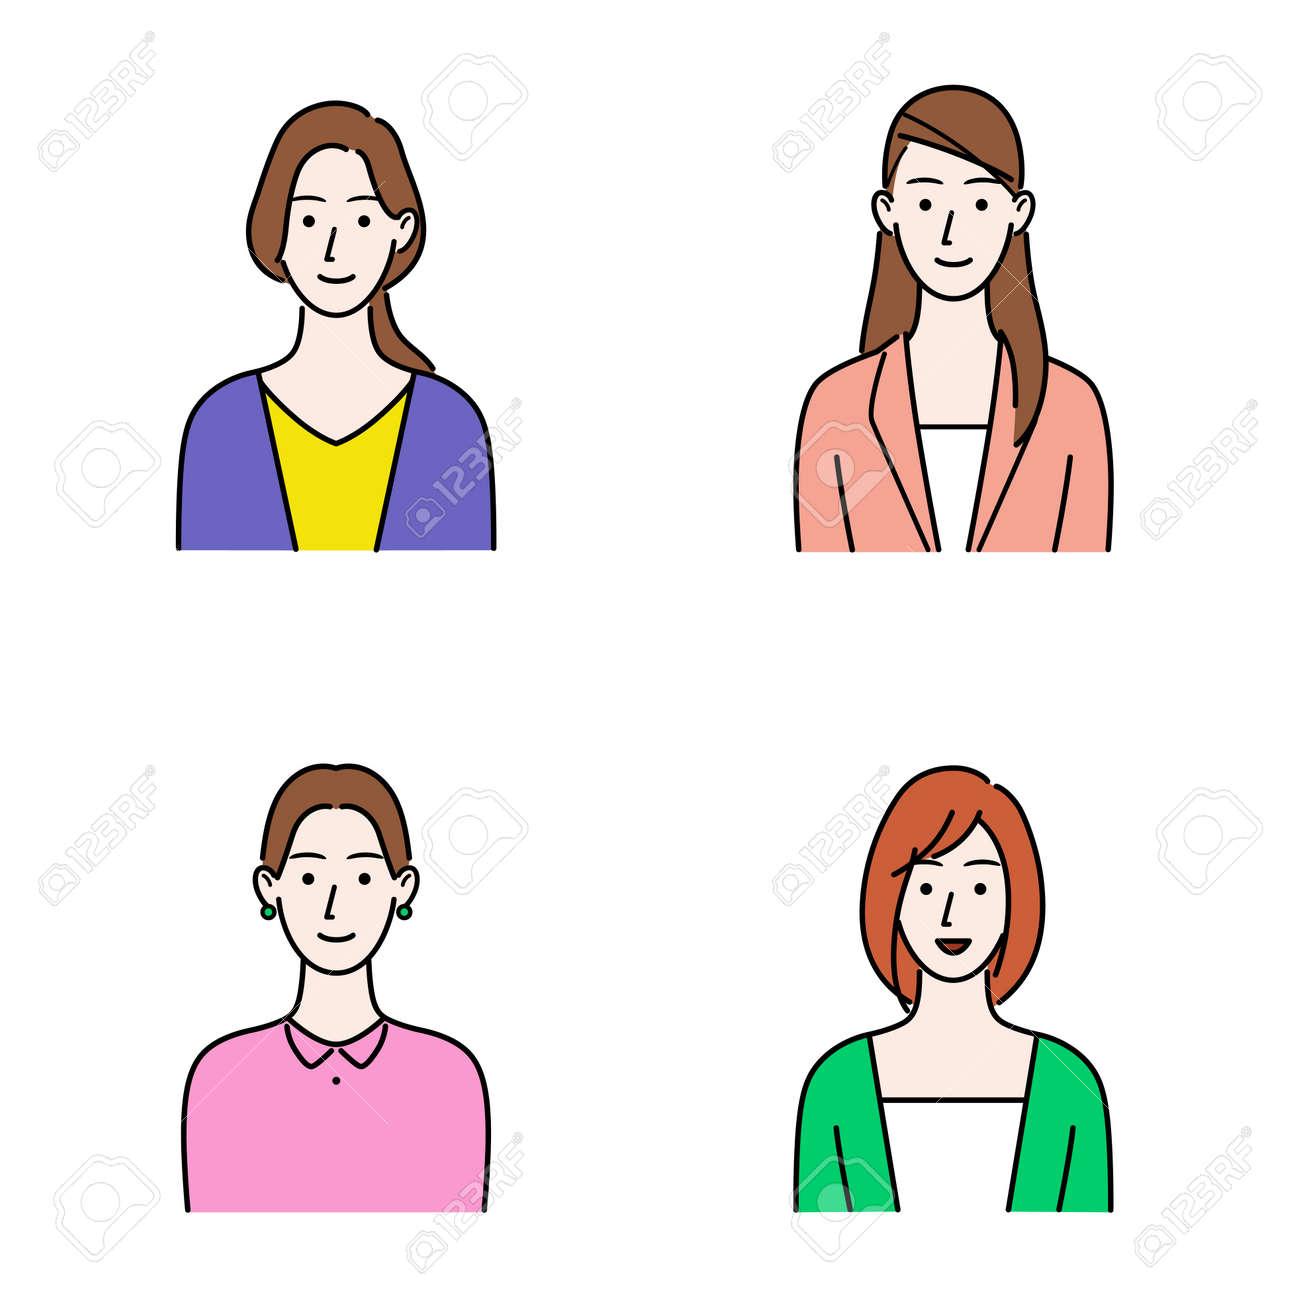 Illustration set of various women's upper body - 169272179